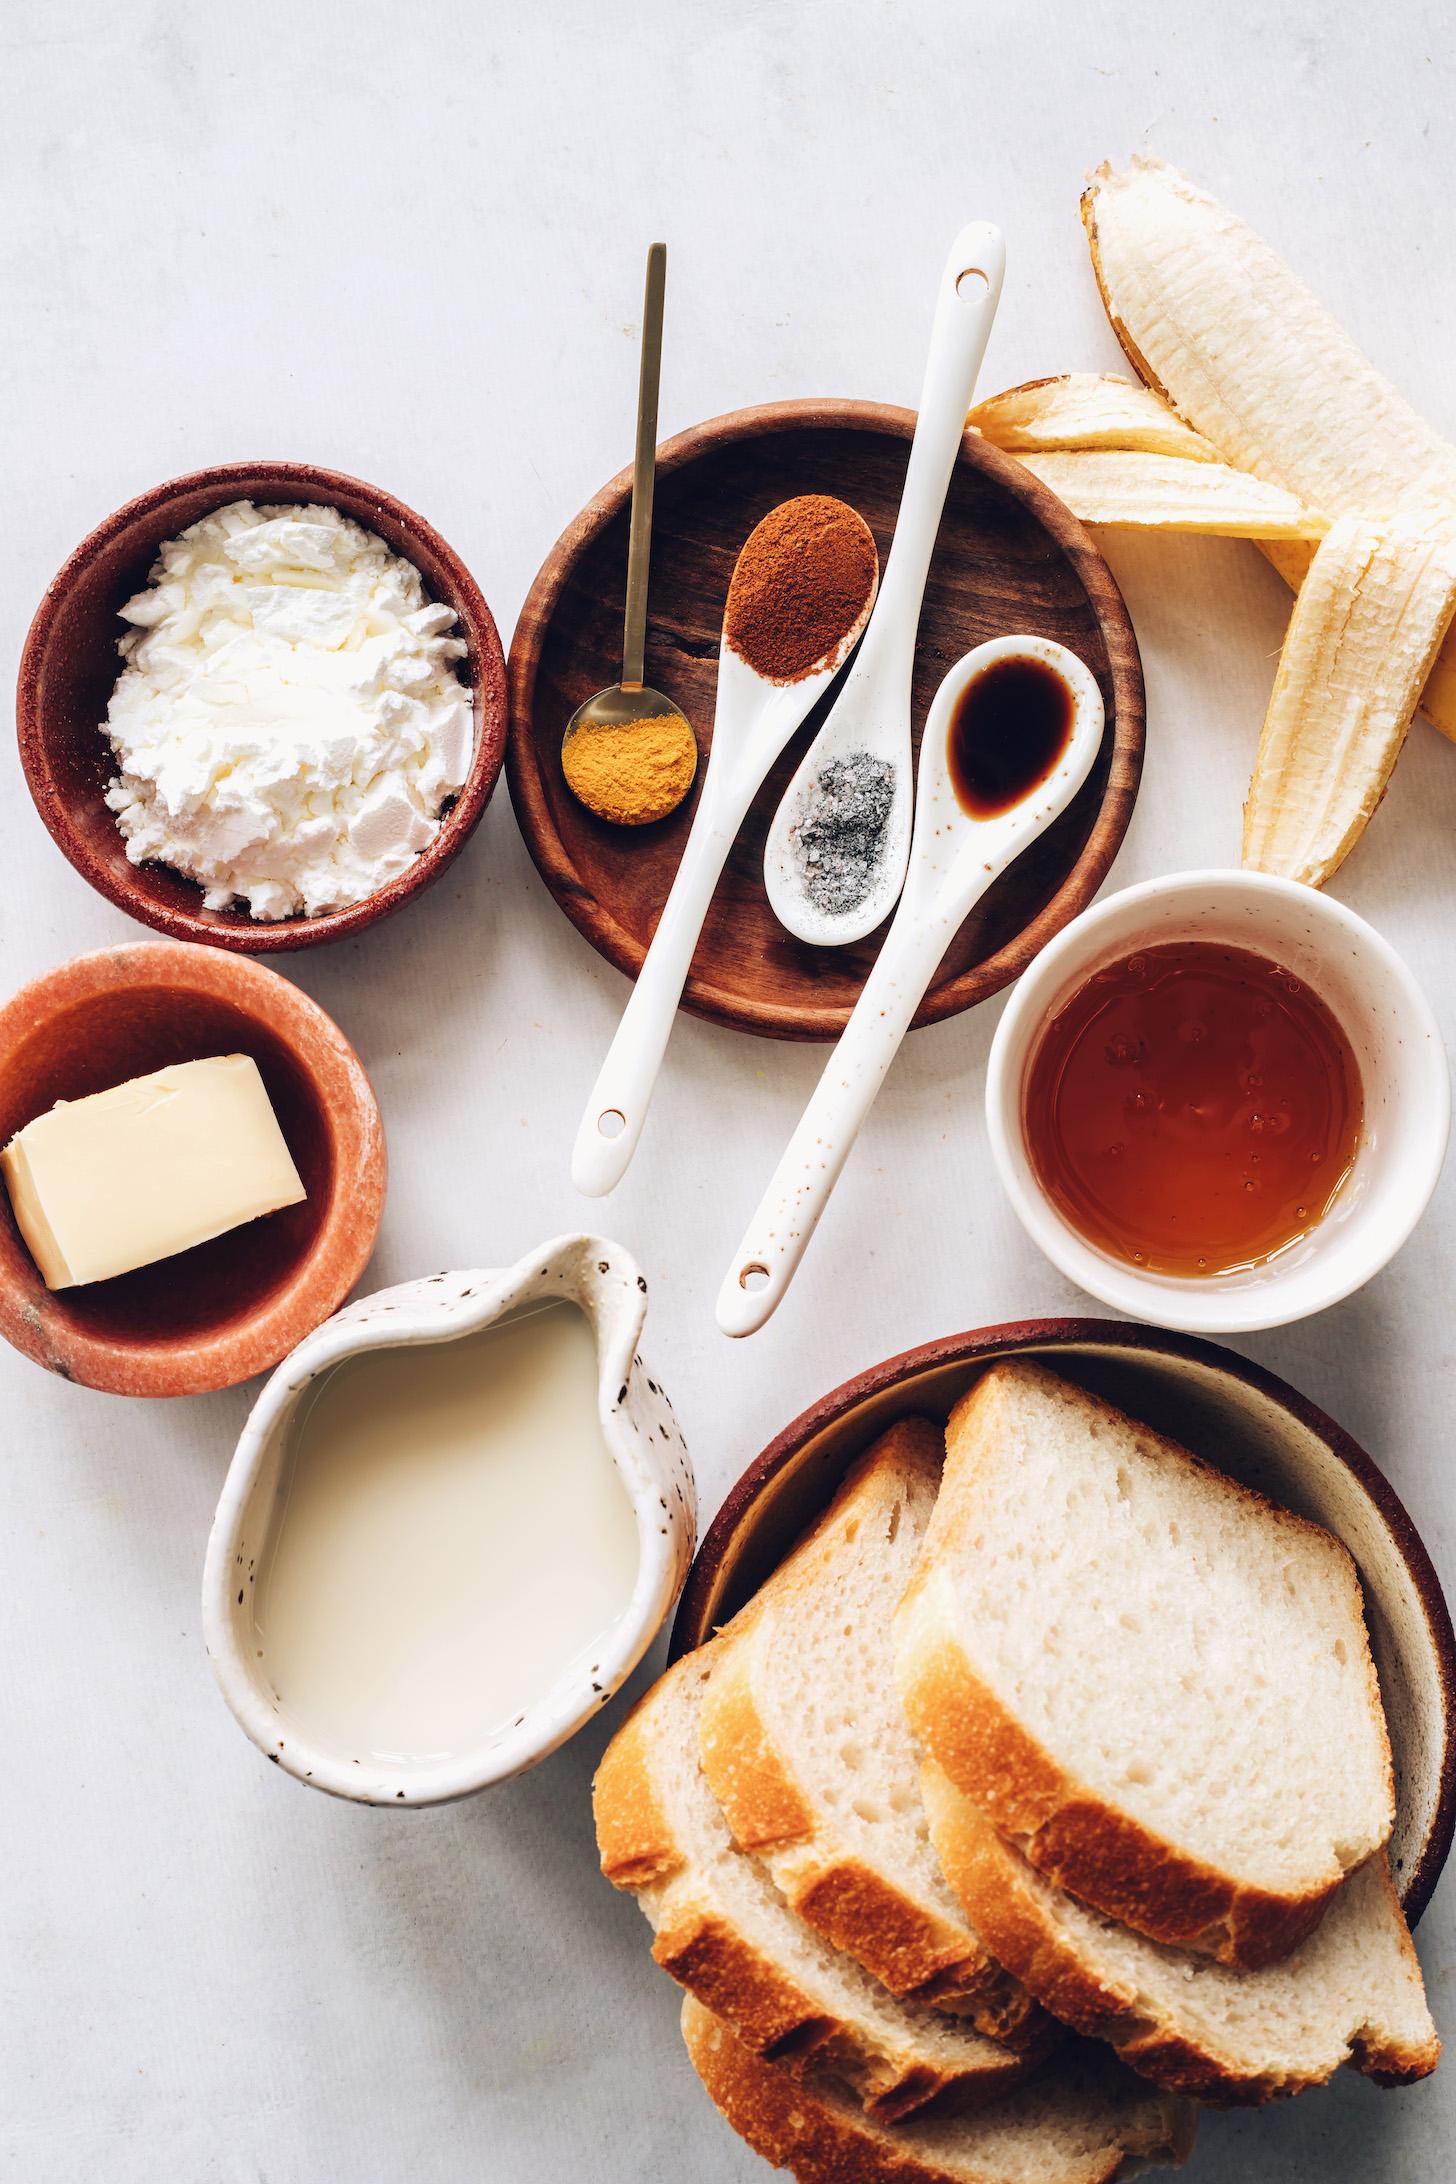 Kukoricakeményítő, vegán vaj, mandulatej, kovászos kenyér, juharszirup, banán, kurkuma, fahéj, fekete só és vanília